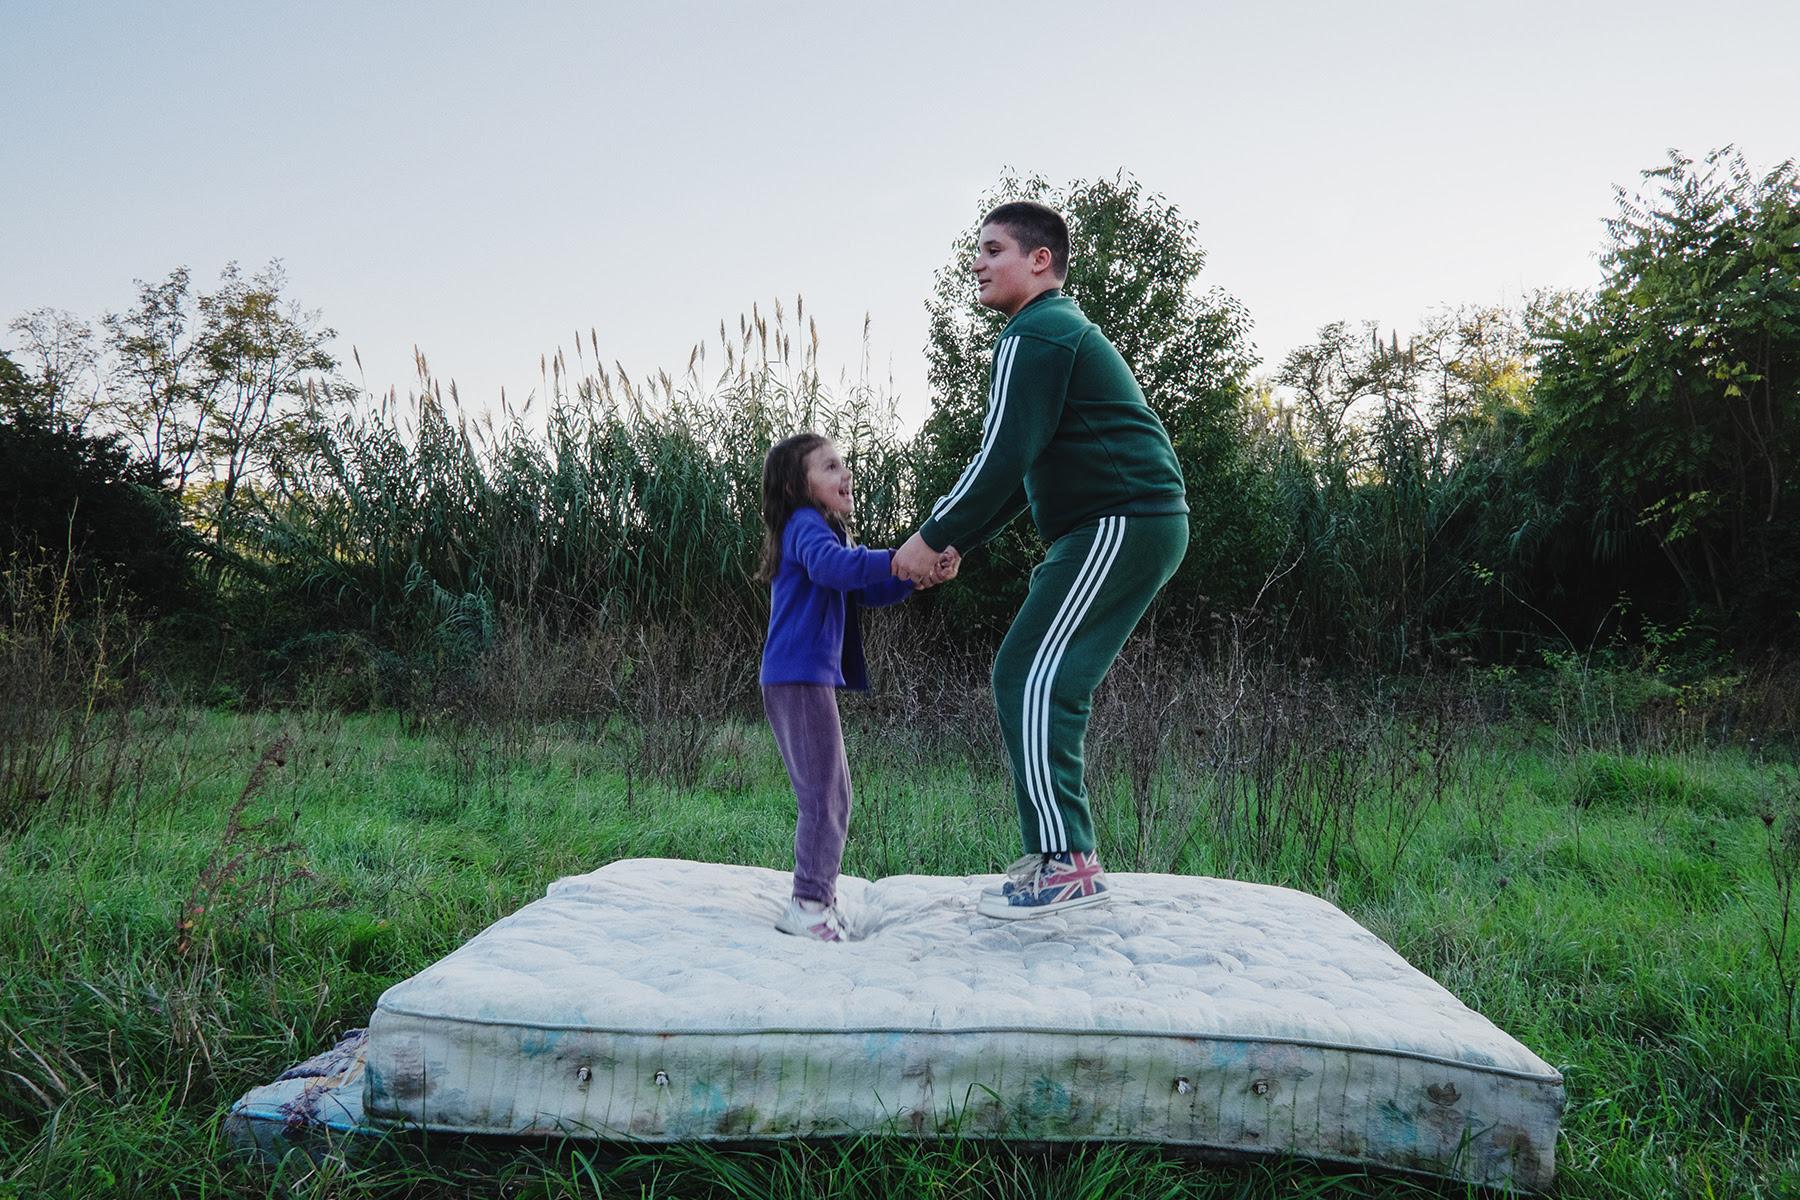 bambini che saltano su materasso in campo